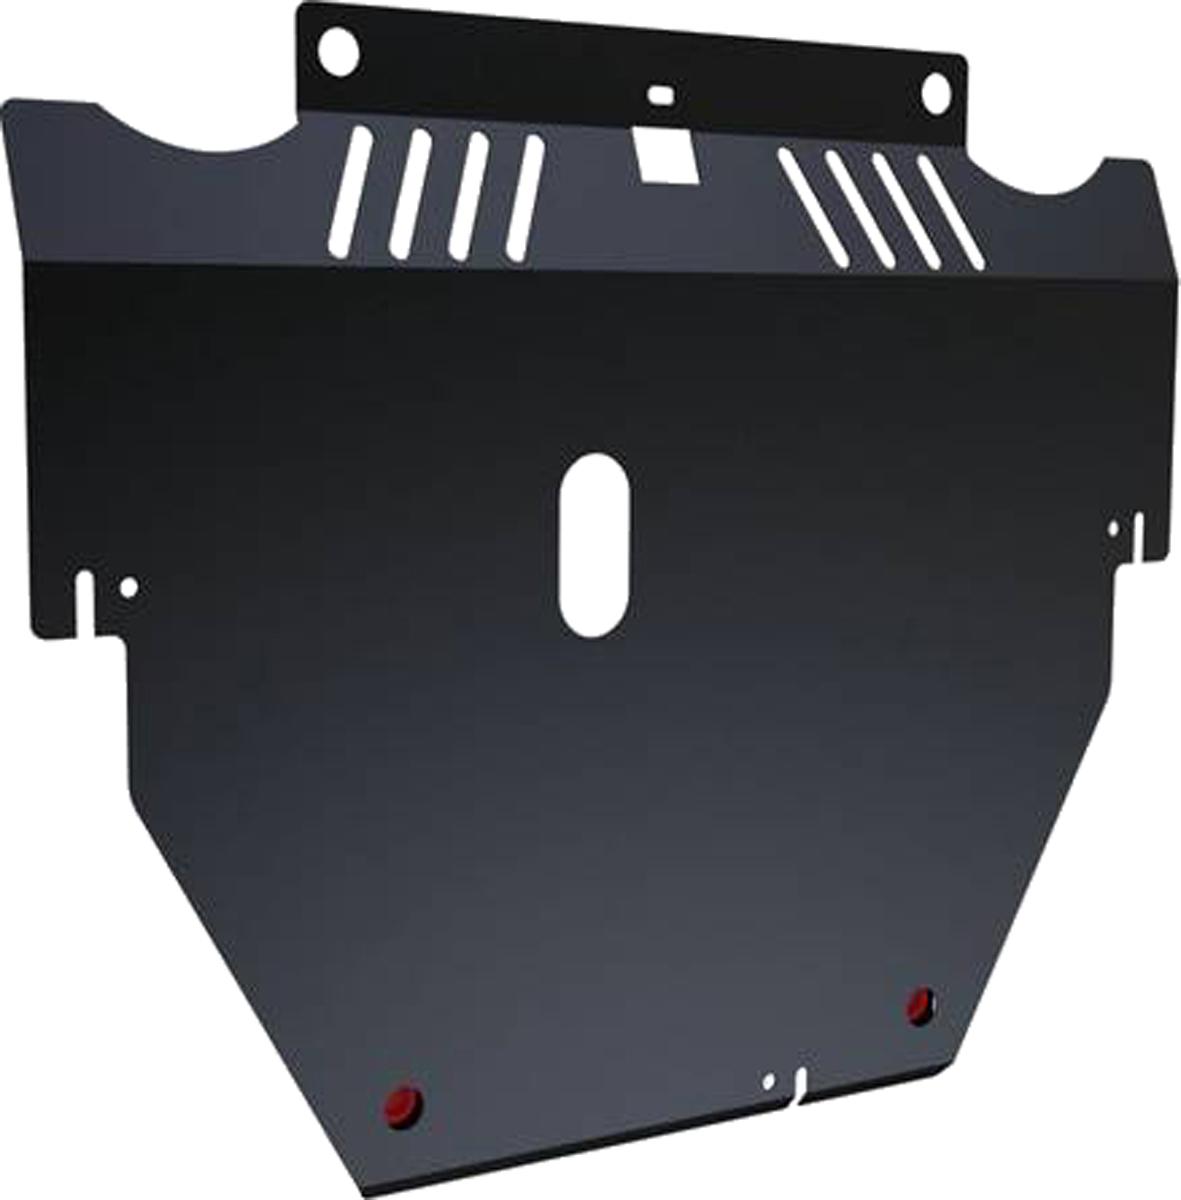 Защита картера и КПП Автоброня Ford Mondeo 2007-2010/Ford S-Max 2006-2010, сталь 2 мм111.01808.1Защита картера и КПП Автоброня для Ford Mondeo, V - 2,5Т 2007-2010/Ford S-Max, V - 2,5Т 2006-2010, сталь 2 мм, комплект крепежа, 111.01808.1Стальные защиты Автоброня надежно защищают ваш автомобиль от повреждений при наезде на бордюры, выступающие канализационные люки, кромки поврежденного асфальта или при ремонте дорог, не говоря уже о загородных дорогах.- Имеют оптимальное соотношение цена-качество.- Спроектированы с учетом особенностей автомобиля, что делает установку удобной.- Защита устанавливается в штатные места кузова автомобиля.- Является надежной защитой для важных элементов на протяжении долгих лет.- Глубокий штамп дополнительно усиливает конструкцию защиты.- Подштамповка в местах крепления защищает крепеж от срезания.- Технологические отверстия там, где они необходимы для смены масла и слива воды, оборудованные заглушками, закрепленными на защите.Толщина стали 2 мм.В комплекте крепеж и инструкция по установке.Уважаемые клиенты!Обращаем ваше внимание на тот факт, что защита имеет форму, соответствующую модели данного автомобиля. Наличие глубокого штампа и лючков для смены фильтров/масла предусмотрено не на всех защитах. Фото служит для визуального восприятия товара.